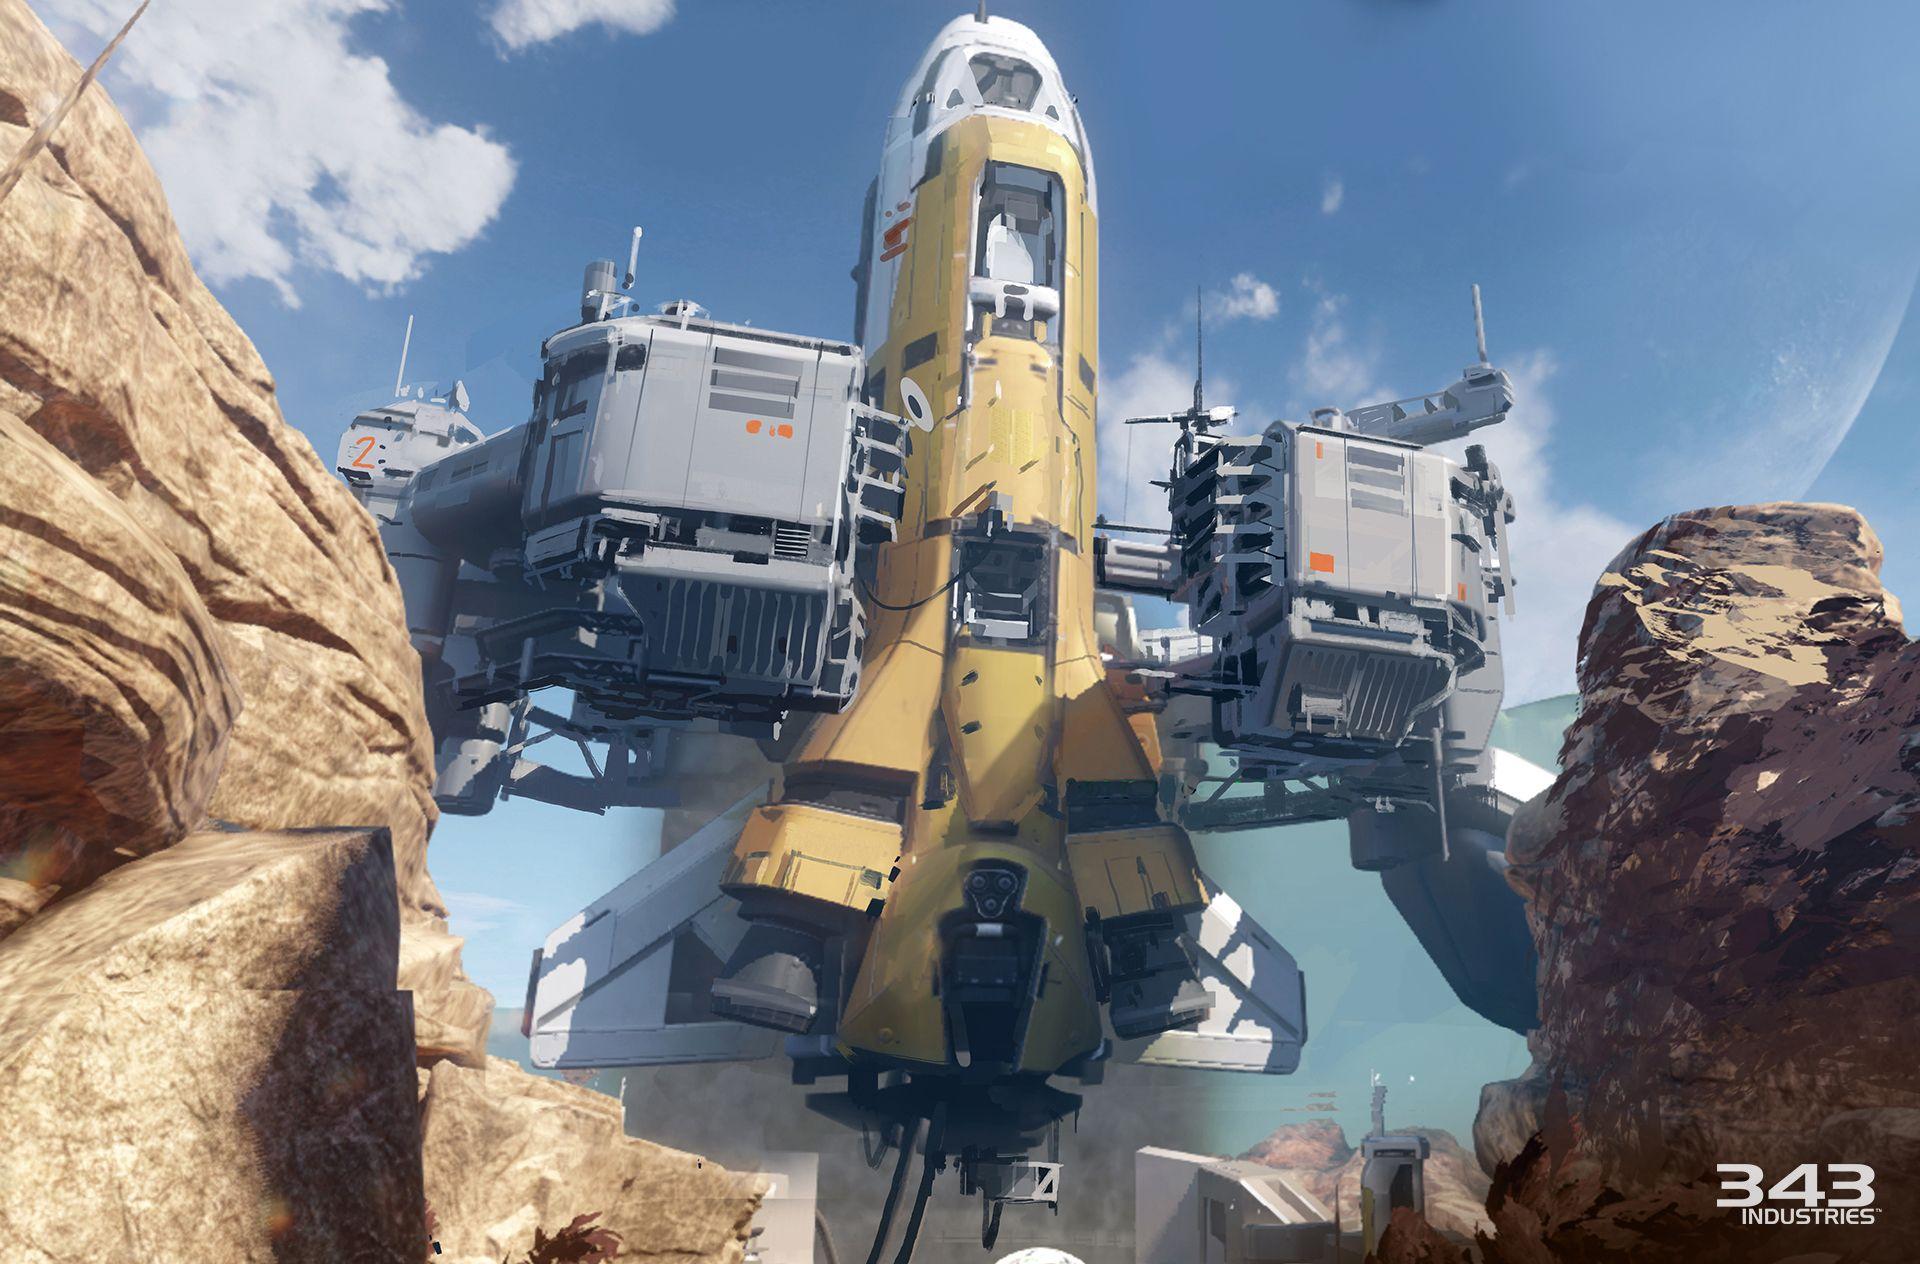 Warzone de Halo 5: Guardians (Halo 5/Firefight/IA/Team/Baptême du Feu/UNSC Infinity/Requiem/Escadron Majestic/Missions/Saisons/Histoire/Major/Maps) H5-guardians-concept-warzone-escape-from-arc-up-and-out